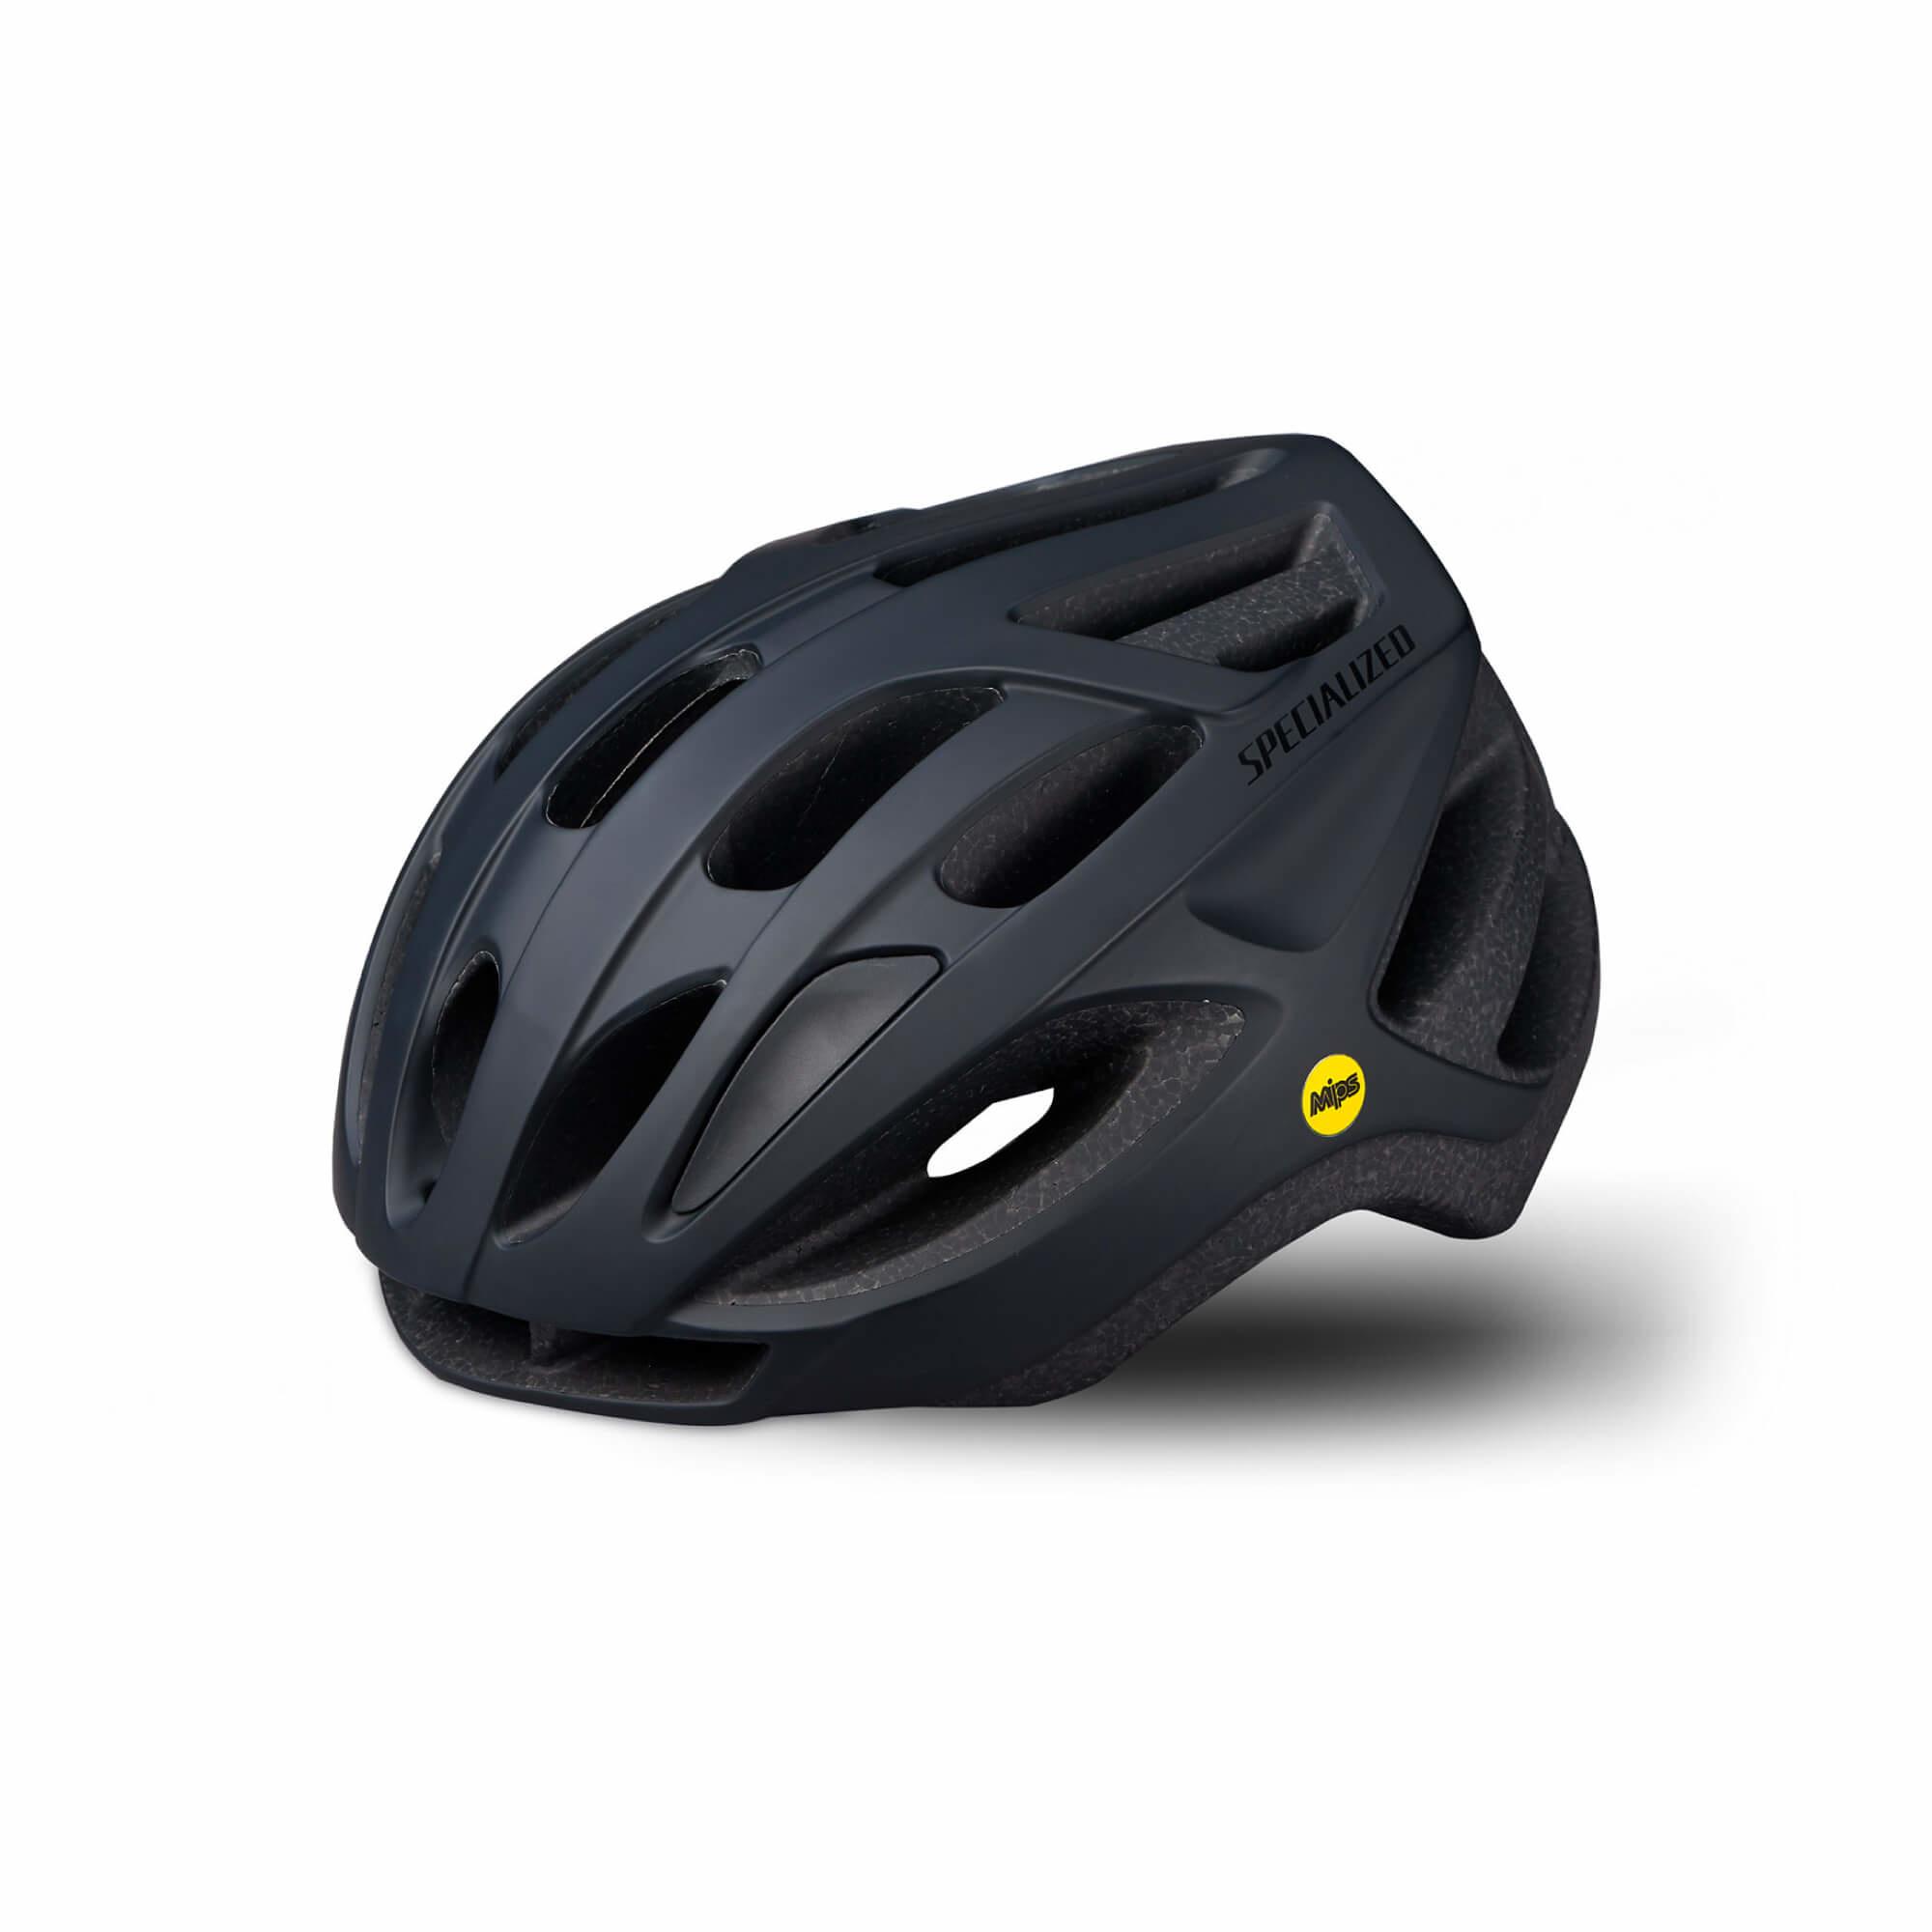 Align Helmet MIPS-3